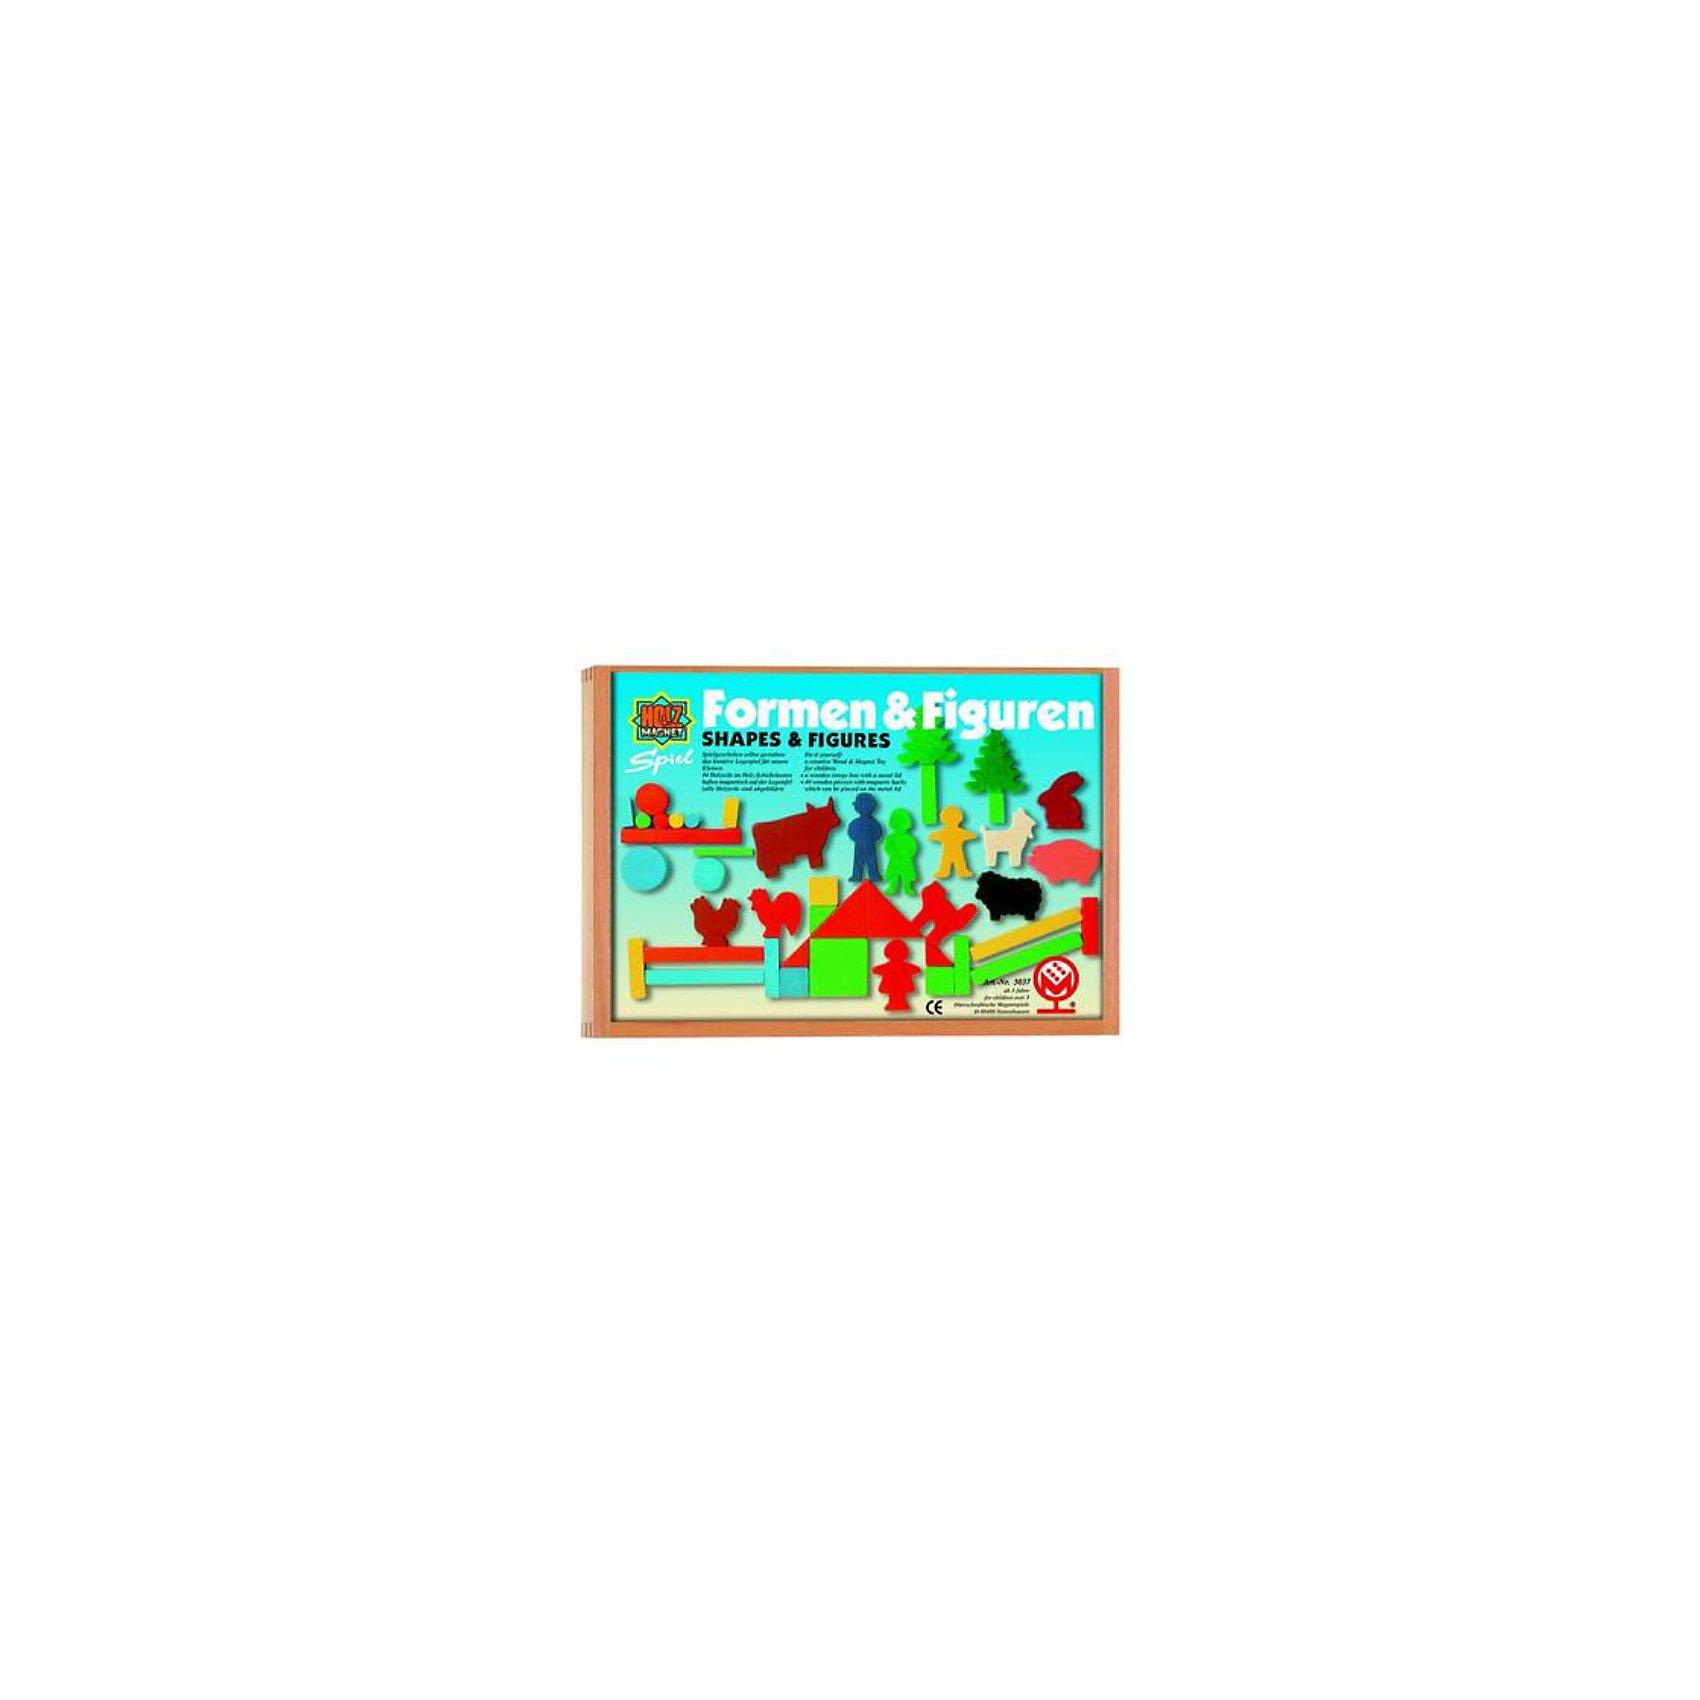 Магнитная игра с полем фигурами и формами, MagnetspieleМагнитная игра с полем фигурами и формами 44 предмета 20 х 30 см (Дерево) Данный набор не только знакомит ребенка с геометрическими формами, но и тренирует абстрактное мышление. С помощью этих фигурок можно так же строить домики, создать свою ферму и играть в ролевые игры. Магнитная доска в комплекте. Все элементы выполнены из экологически чистого материала.<br><br>Ширина мм: 300<br>Глубина мм: 30<br>Высота мм: 200<br>Вес г: 350<br>Возраст от месяцев: 24<br>Возраст до месяцев: 48<br>Пол: Унисекс<br>Возраст: Детский<br>SKU: 2200284